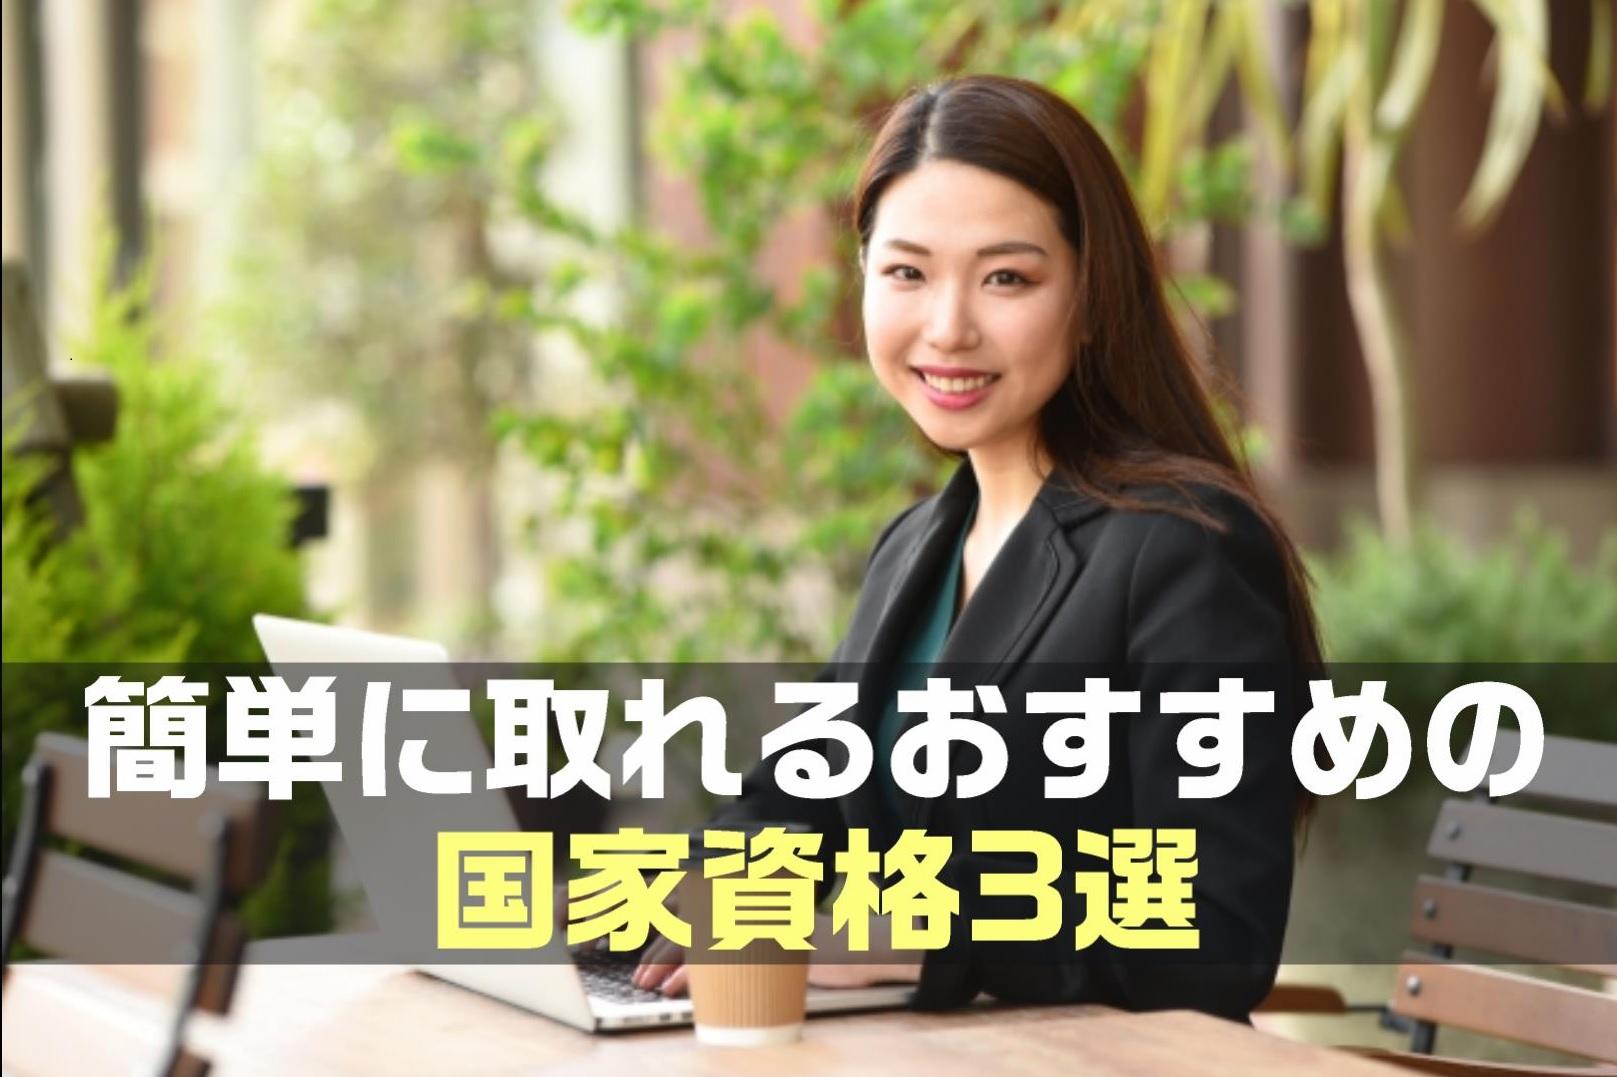 【保存版】転職に役に立つおすすめの簡単に取れる国家資格3選